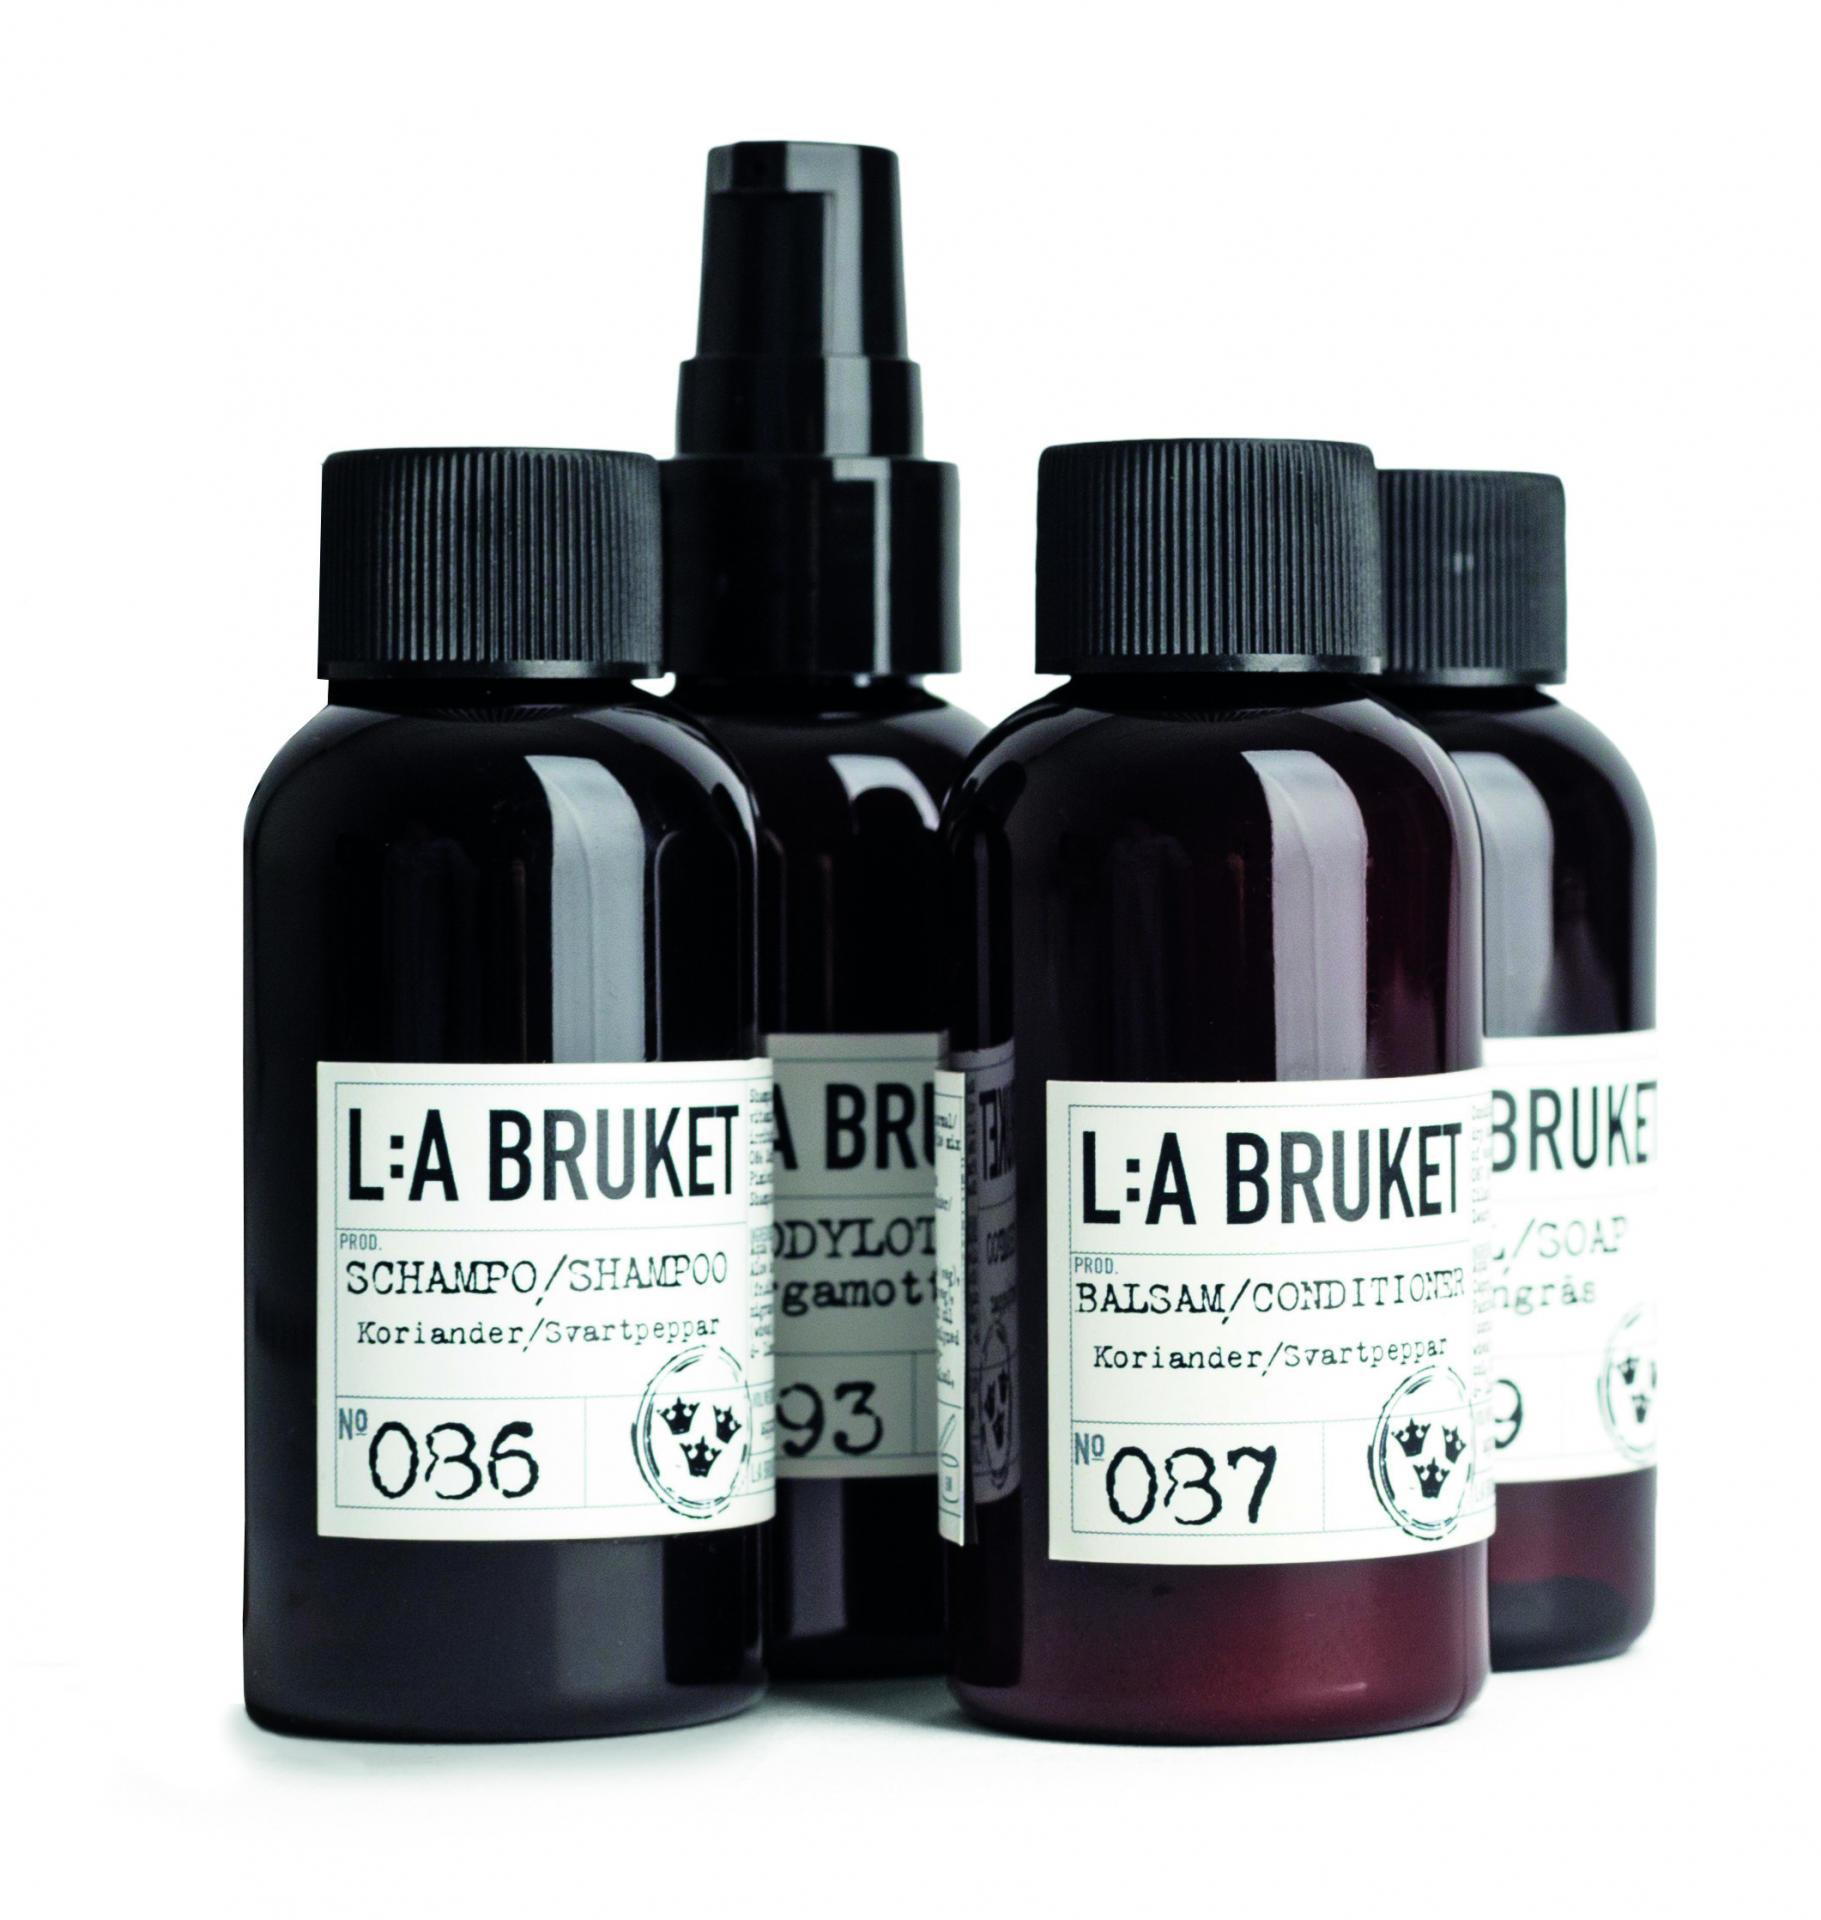 L:A BRUKET Cestovní kosmetický mini set Hotel - 4 ks, hnědá barva, plast